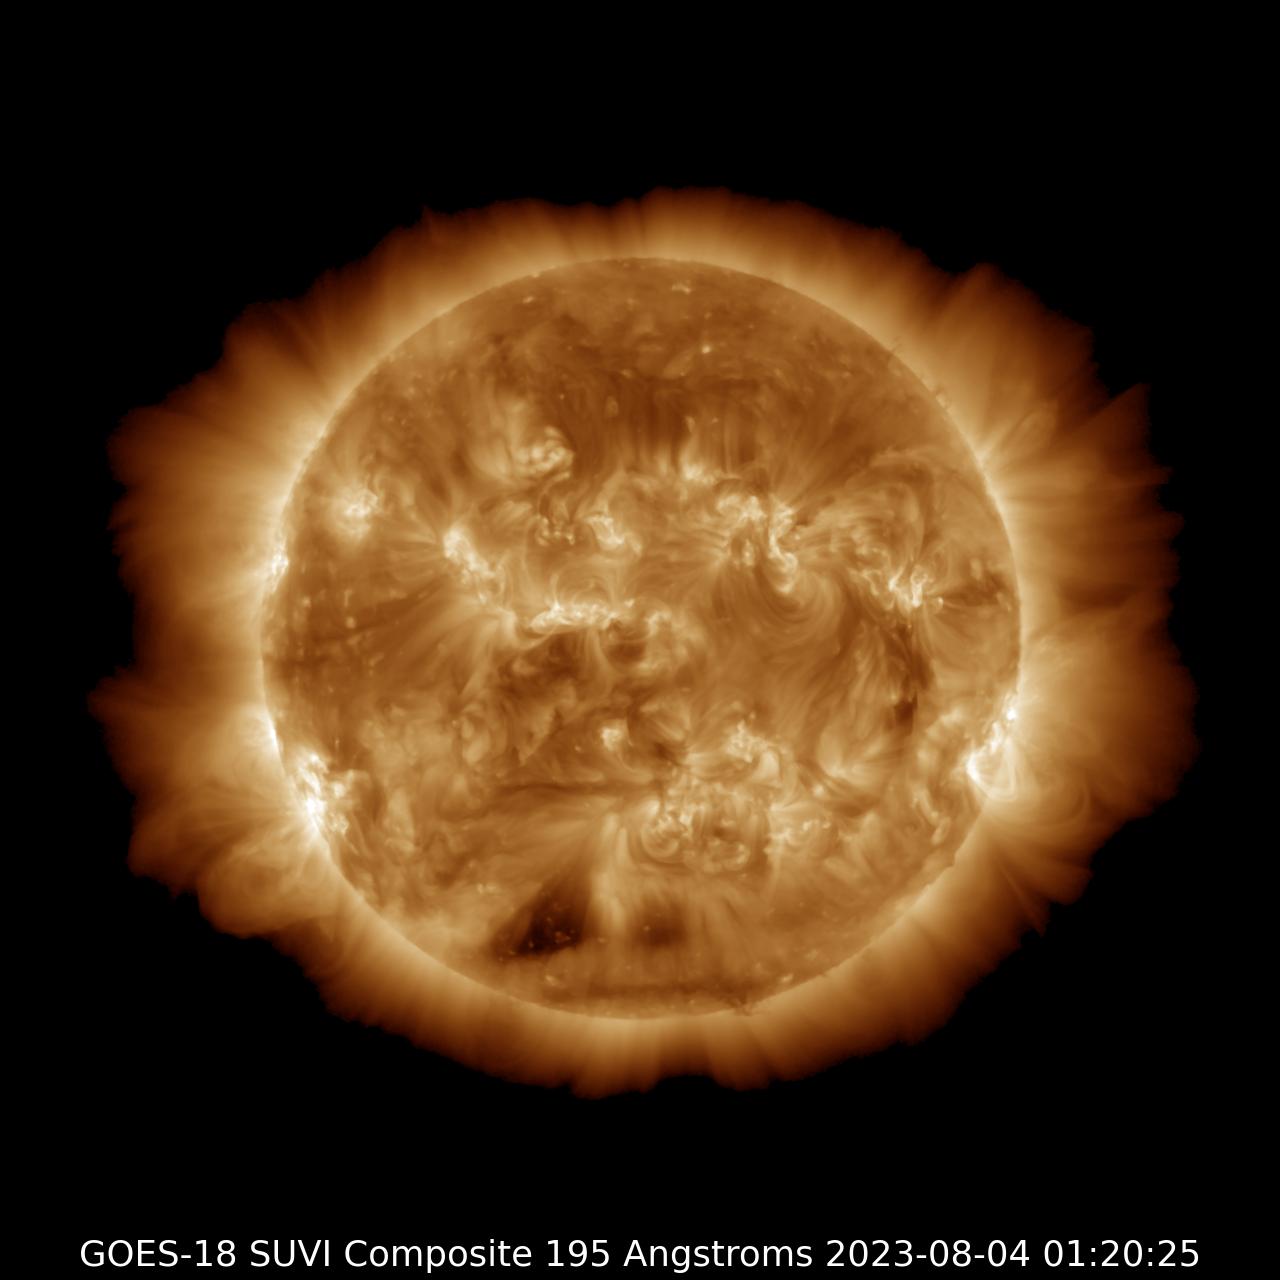 GOES-17 SUVI 195